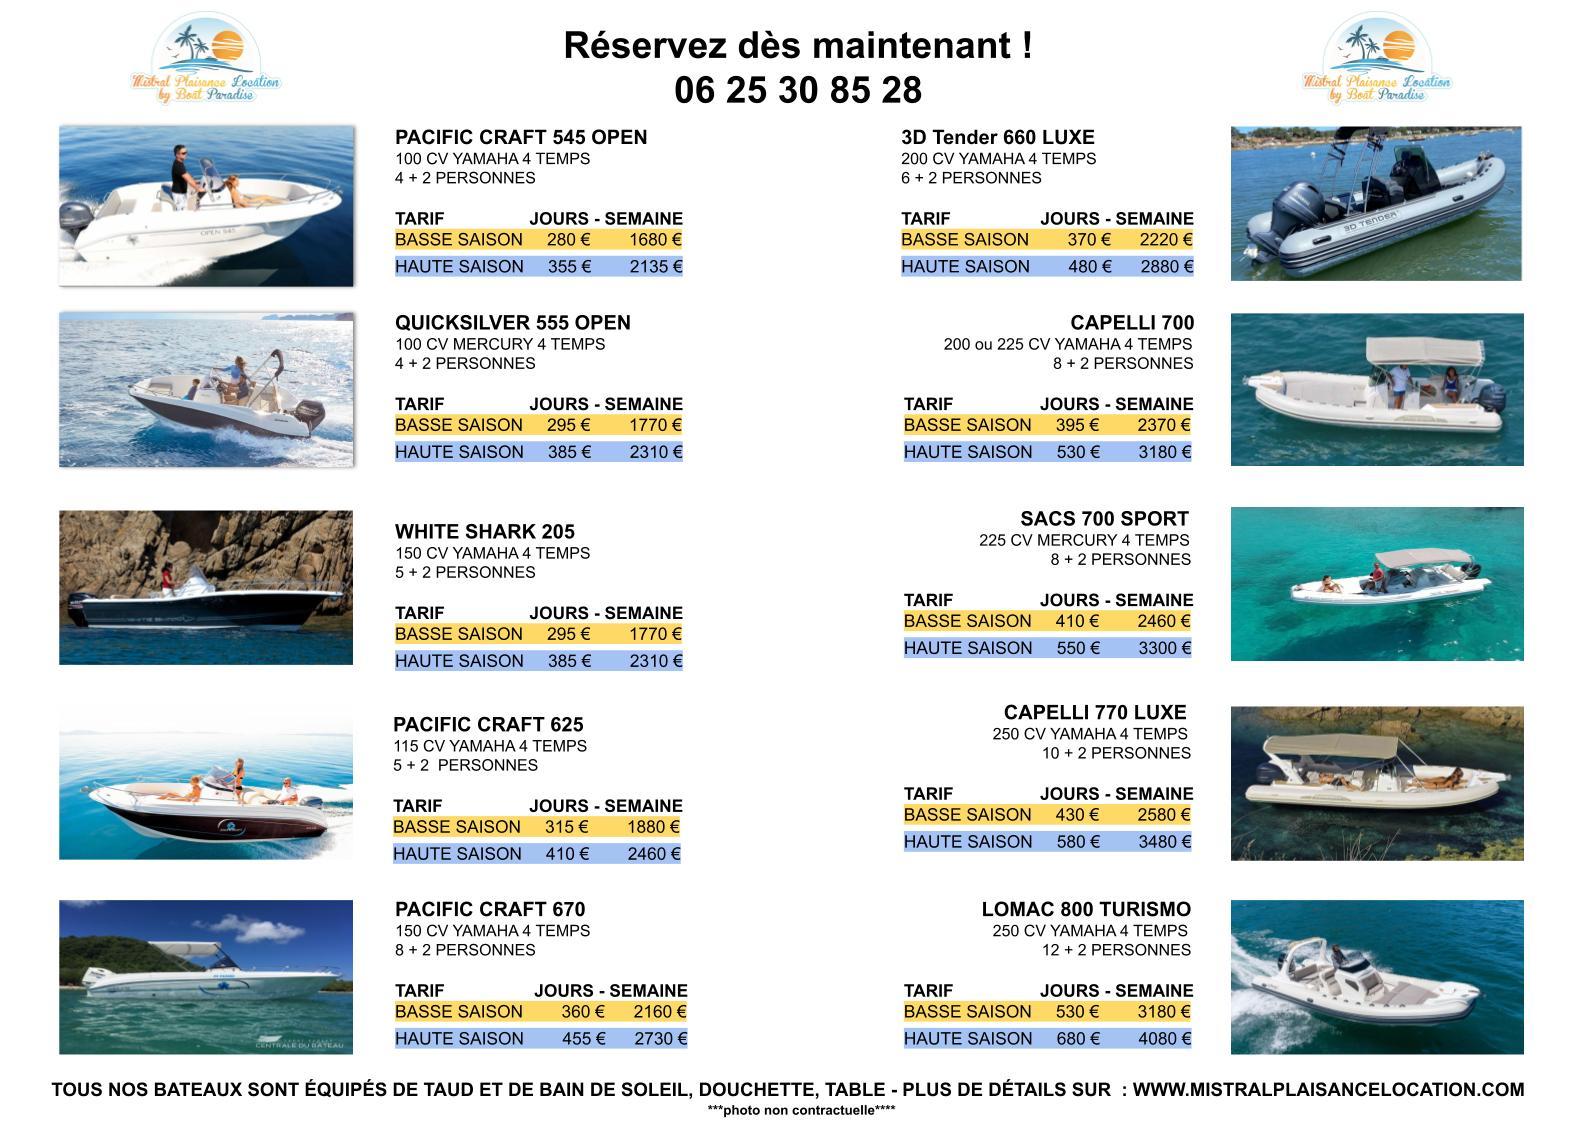 Prix et tarifs étudiés pour le particulier pour louer un bateau ou semi-rigide dans le Var au départ du Lavandou.